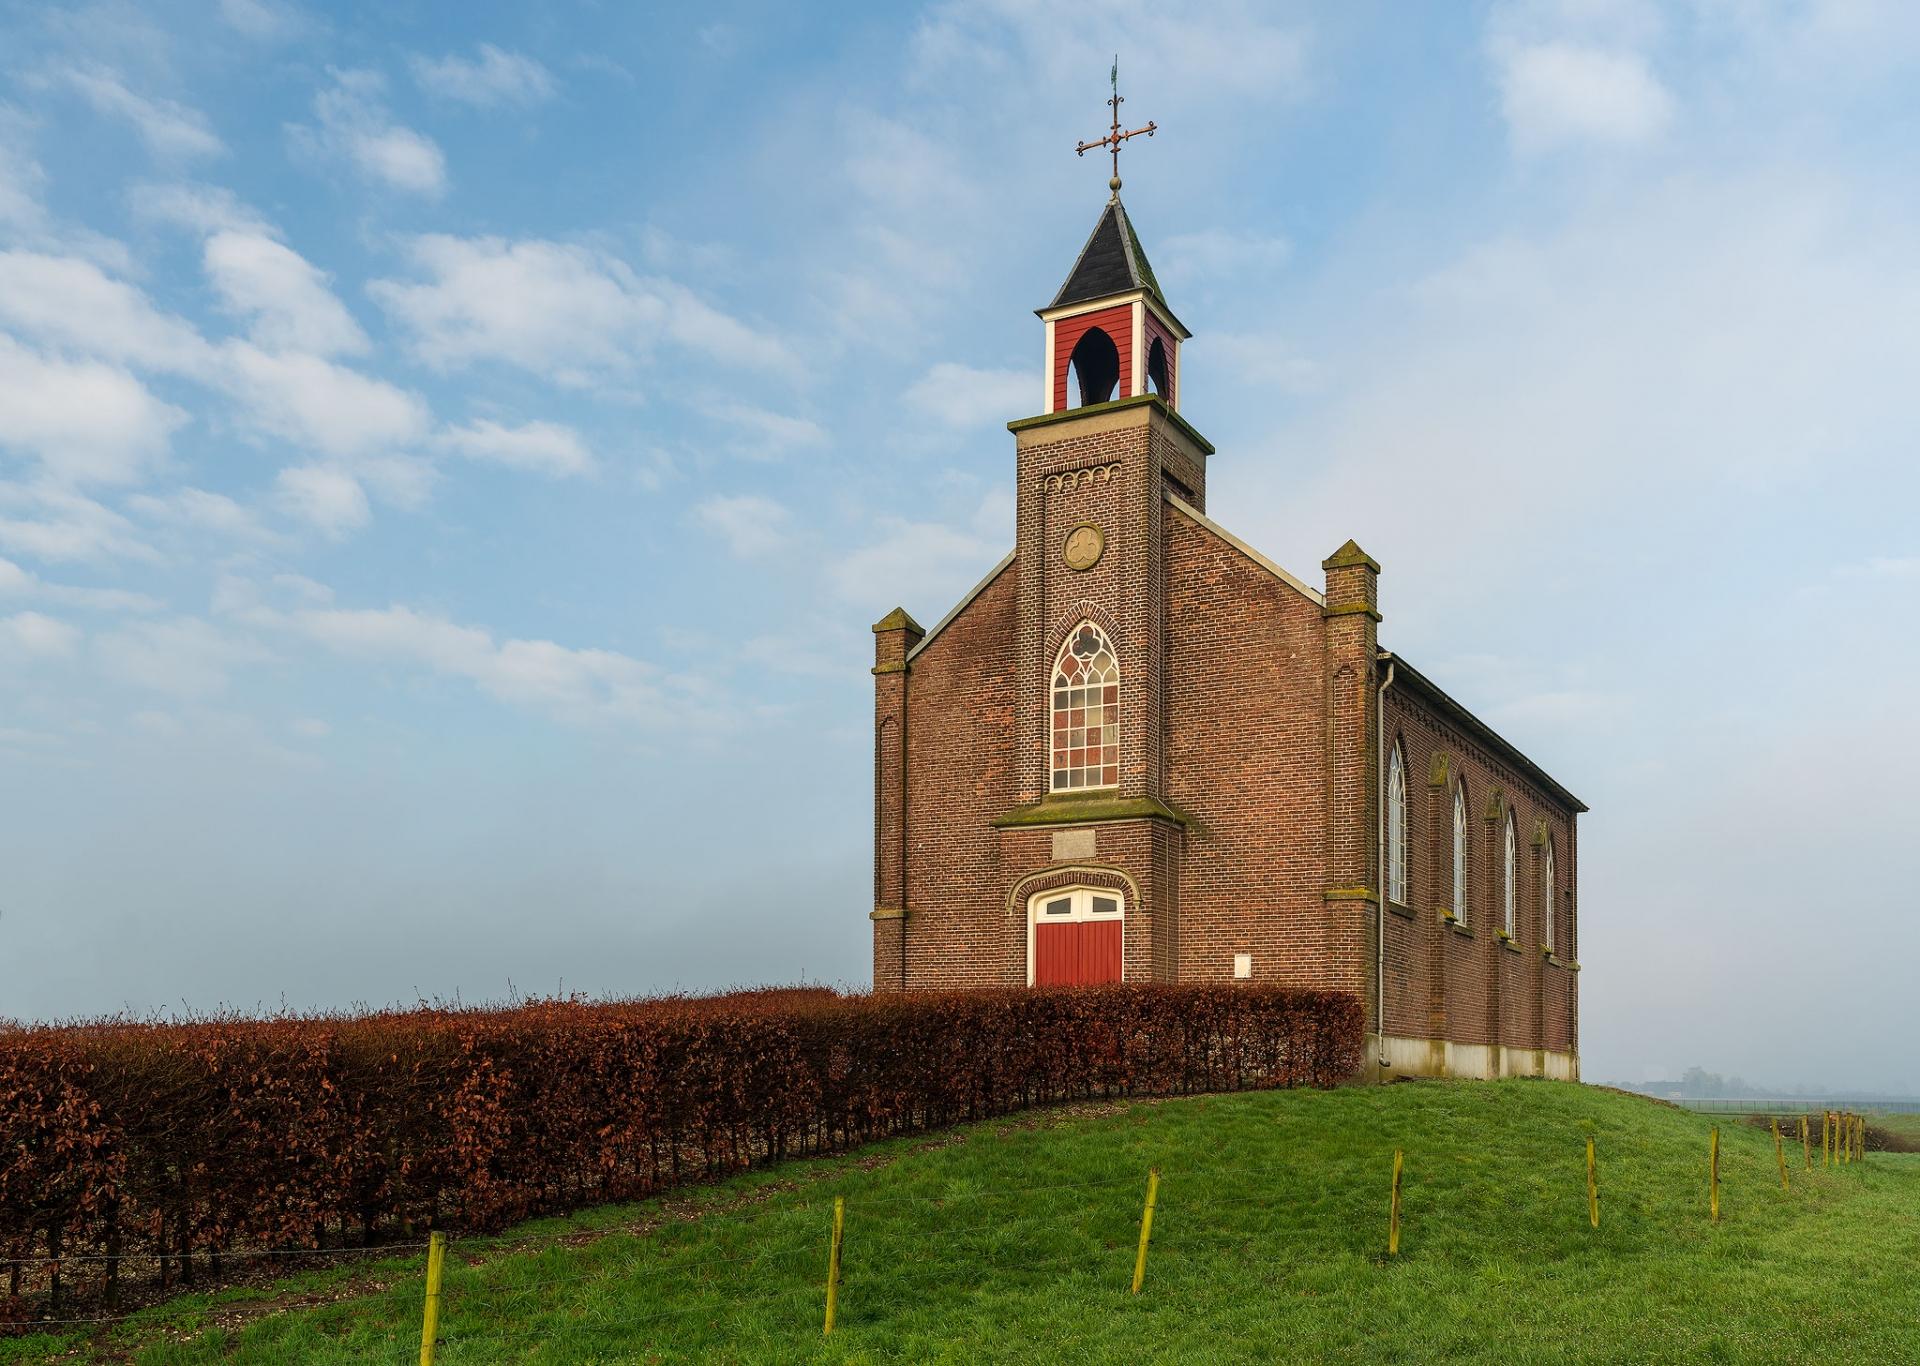 Pittoreske kerkje van Homoet, Over Betuwe